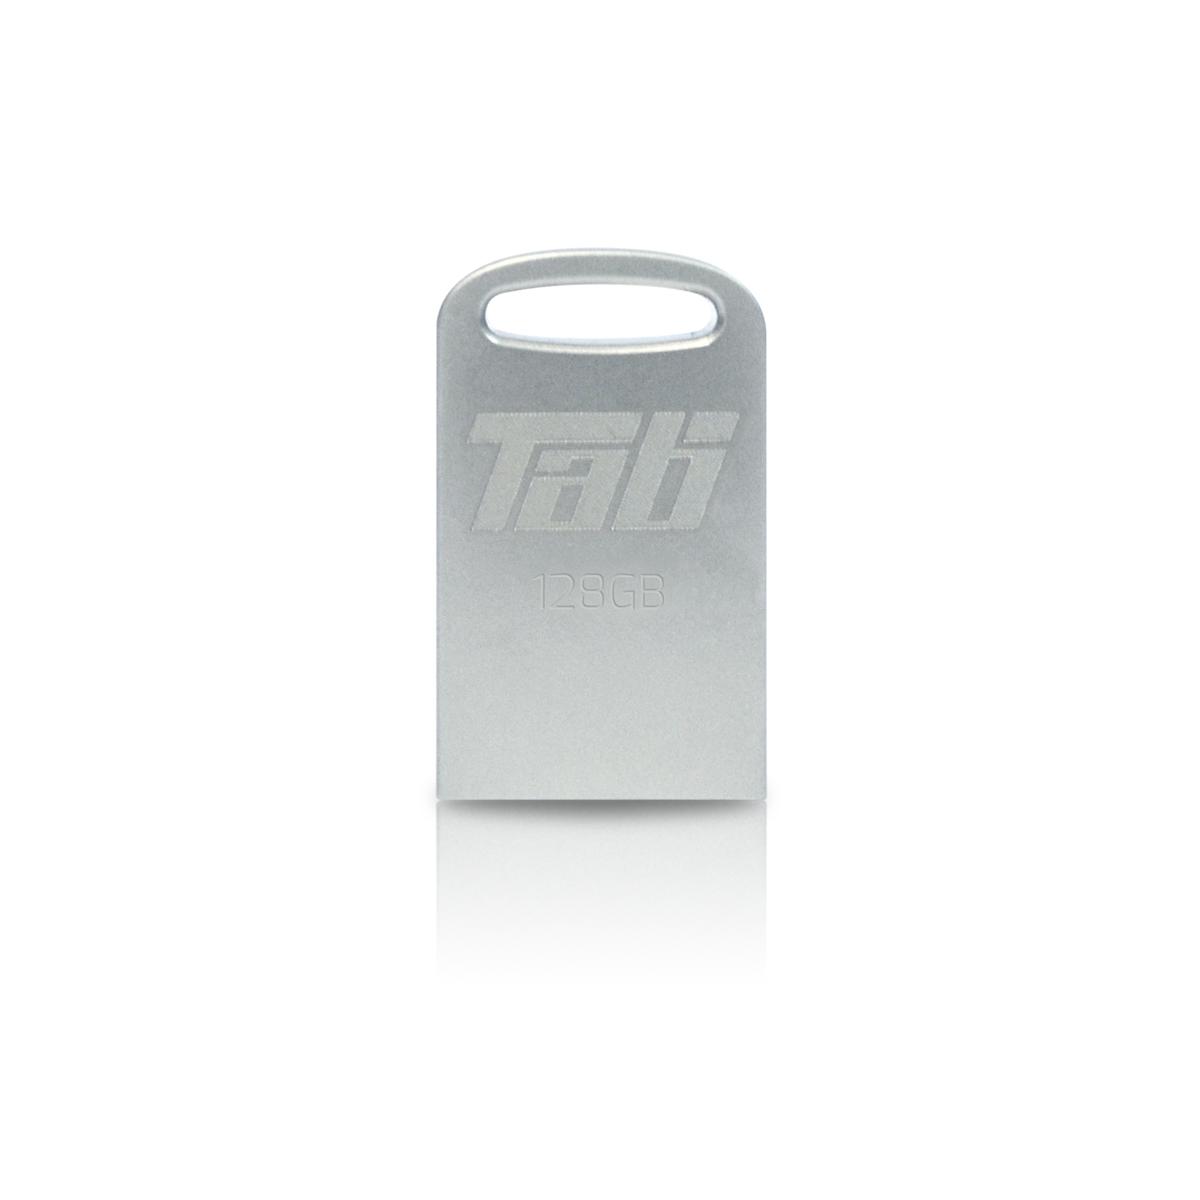 128GB Patriot Tab USB 3.1 110/20MBs